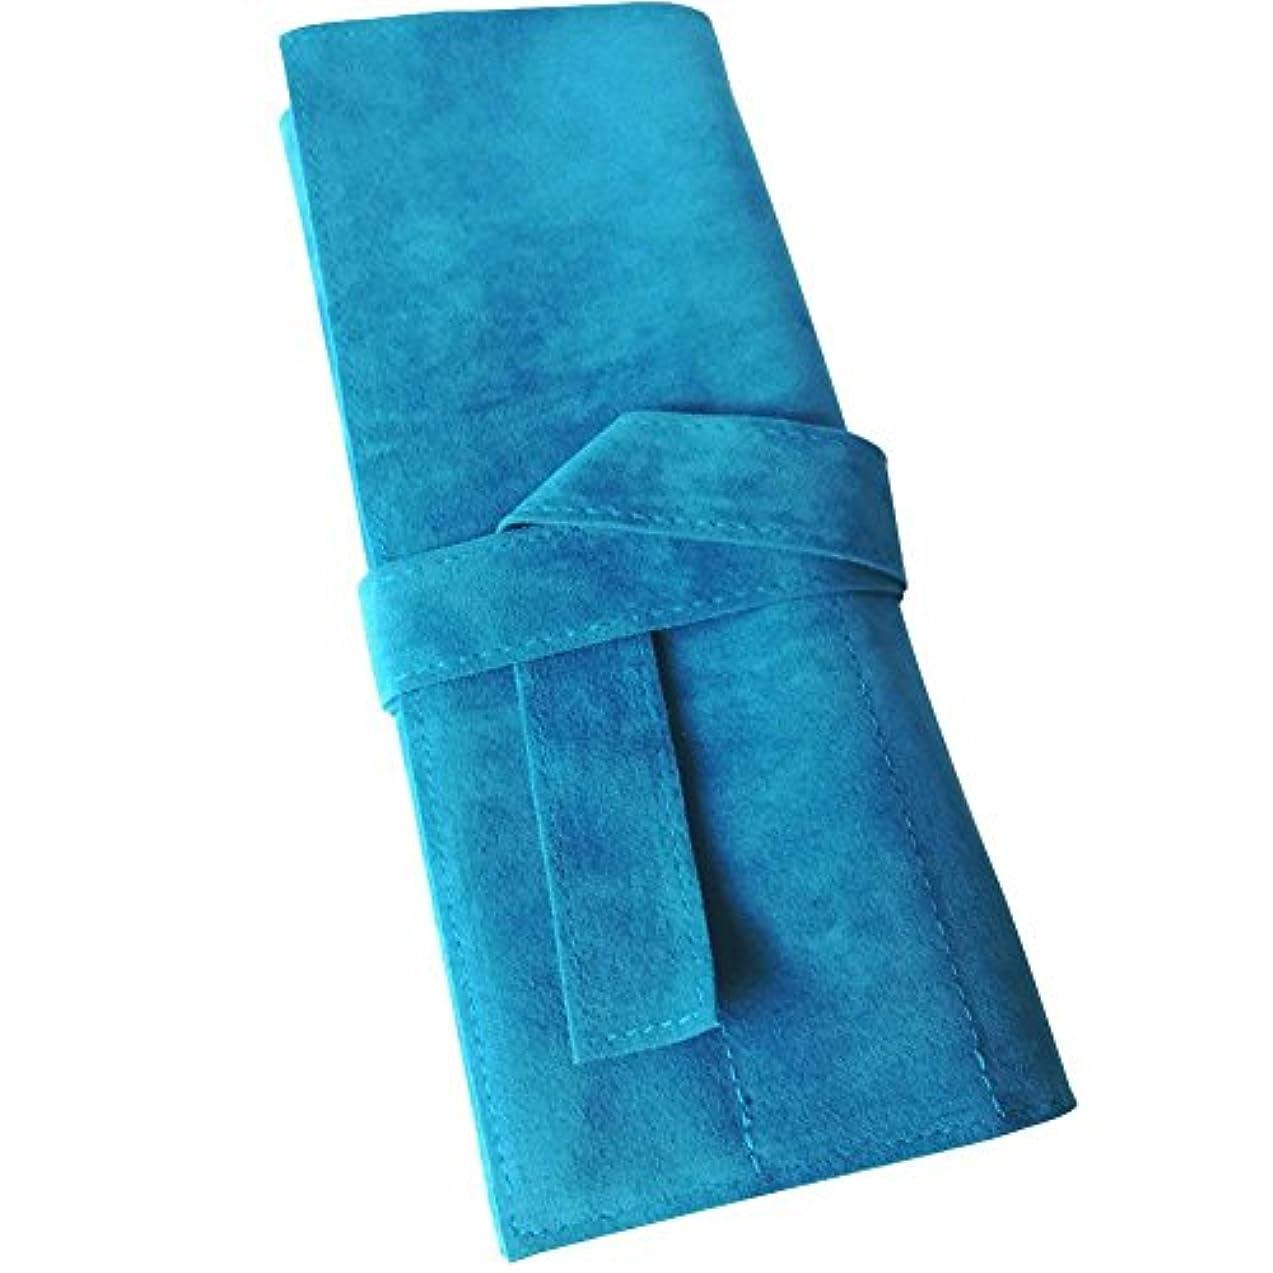 リマ電化する放射するIKENOKOI シザーケース 美容師 理容師 収納ケース ツールバッグ ヘアカット トリマー プロ用 軽い(ブルー)